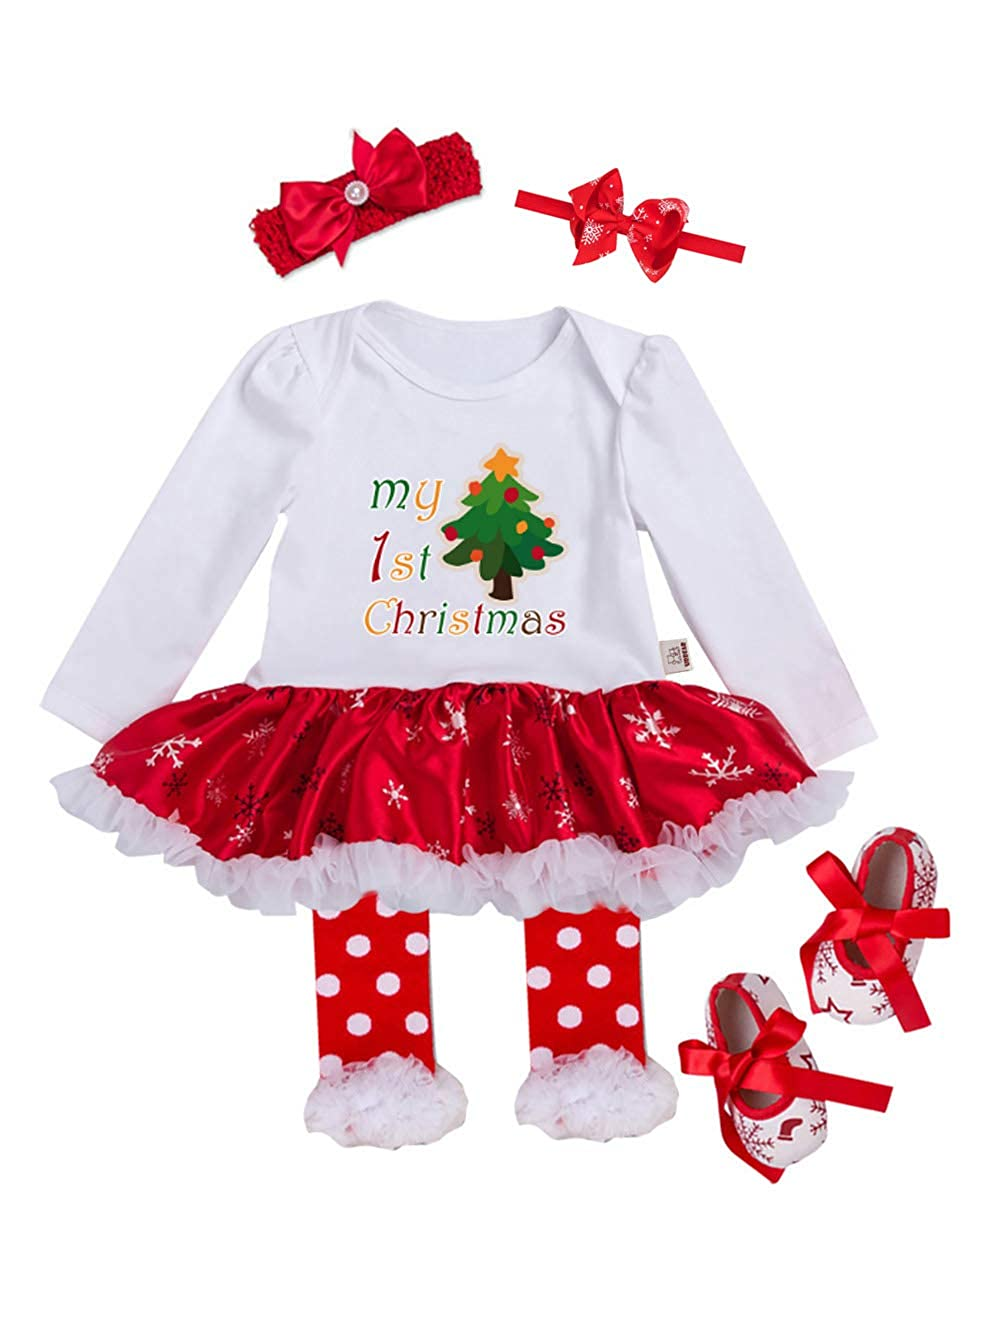 URBEAR Neonata Bambina mio Primo Costume della Santa del Partito del Abitini Vestito 5 pz E80901SDB4